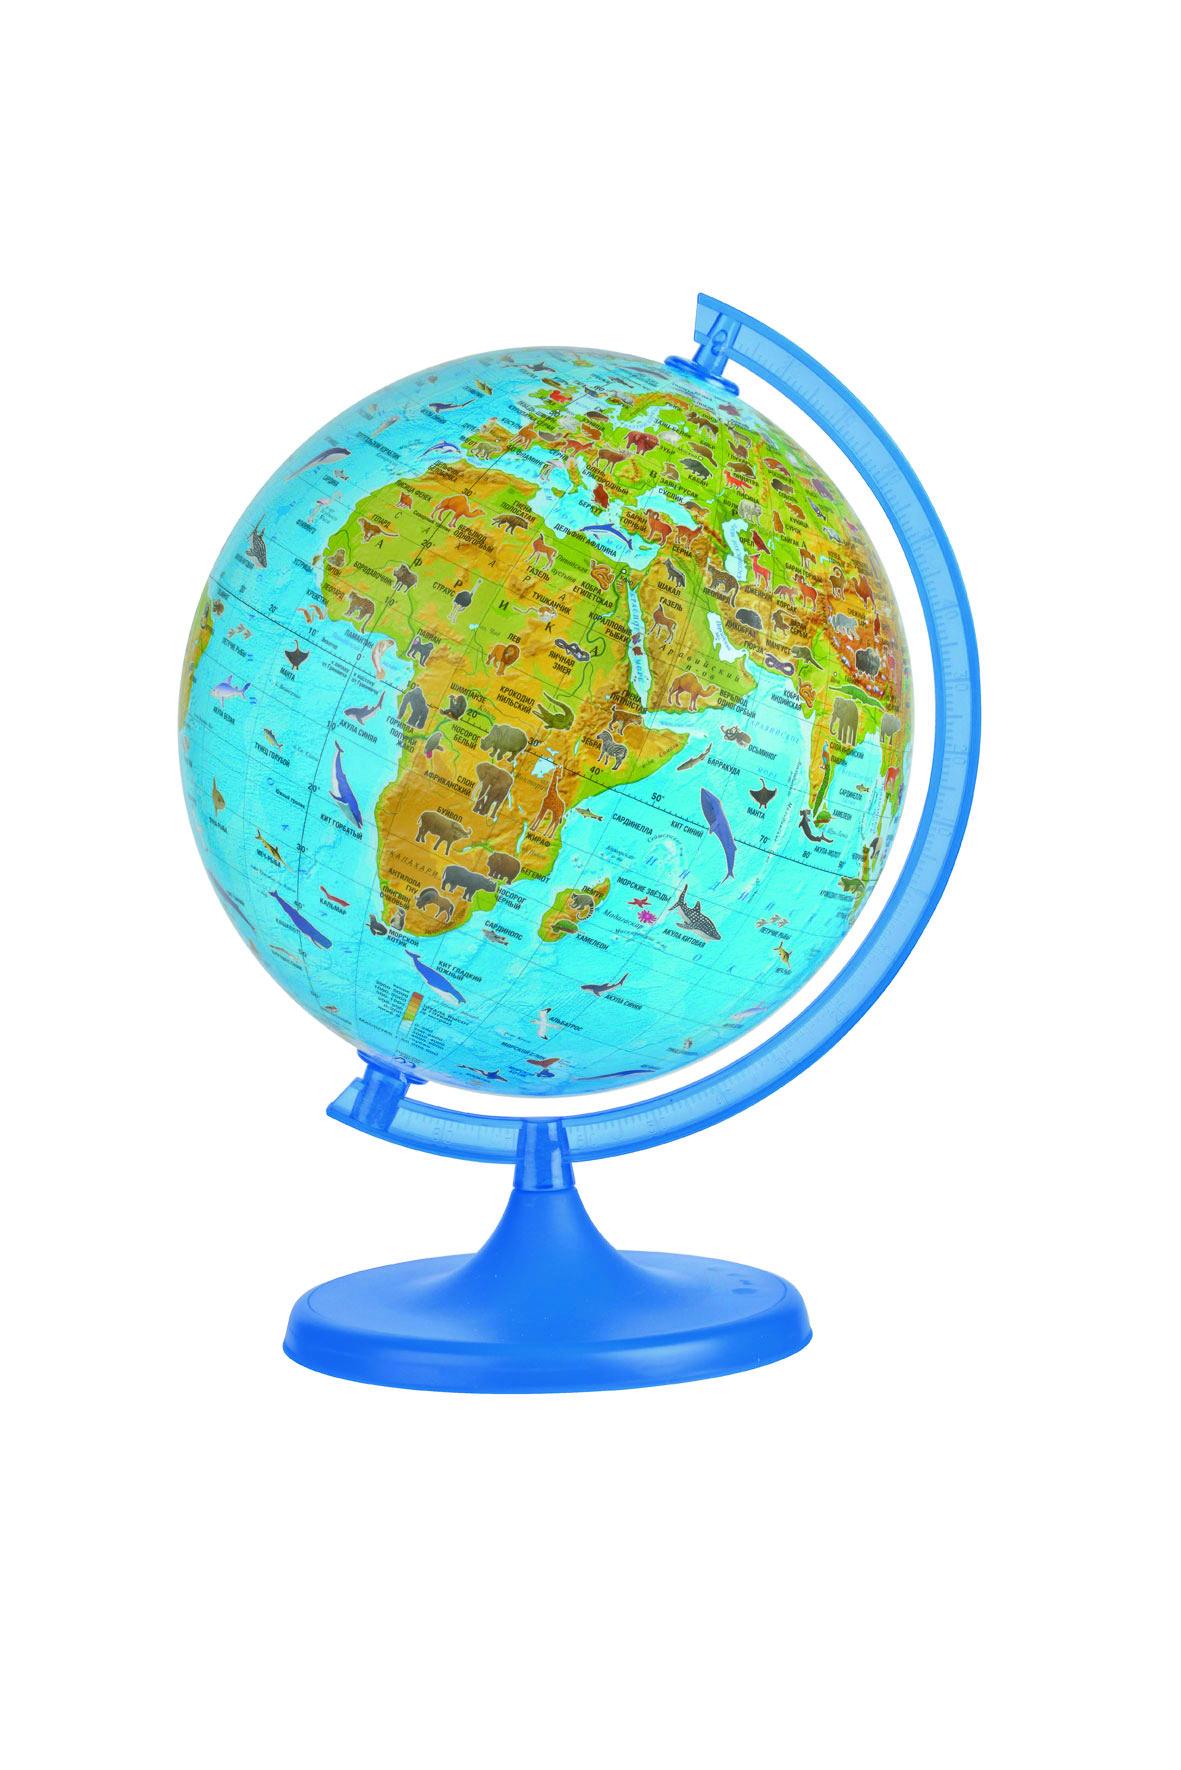 Глобус DMB, с зоологической картой мира, диаметр 22 см + Мини-энциклопедия Животный Мир Земли10242Зоологический глобус DMB изготовлен из высококачественного прочного пластика. На сфере зоологического глобуса изображены материки иокеаны, а также места проживания животных и рыб. На глобусе отображенысамые известные животные, наиболее характерные для той или иной средыобитания. Изделие расположено на подставке. Географические названия наглобусе приведены на русском языке. Сделайте первый шаг встимулирование своего обучения! К глобусу прилагается мини-энциклопедияЖивотный Мир Земли, которая обязательно поможет детям и их родителямоткрыть для себя что-то новое в изучении животного мира нашей удивительнойпланеты.Настольный глобус DMB станет оригинальным украшением рабочего стола или вашего кабинета. Это изысканная вещь для стильного интерьера, которая станет прекрасным подарком для современного преуспевающего человека, следующего последним тенденциям моды и стремящегося к элегантности и комфорту в каждой детали.Высота глобуса с подставкой: 33 см. Диаметр глобуса: 22 см. Масштаб: 1:60 000 000.